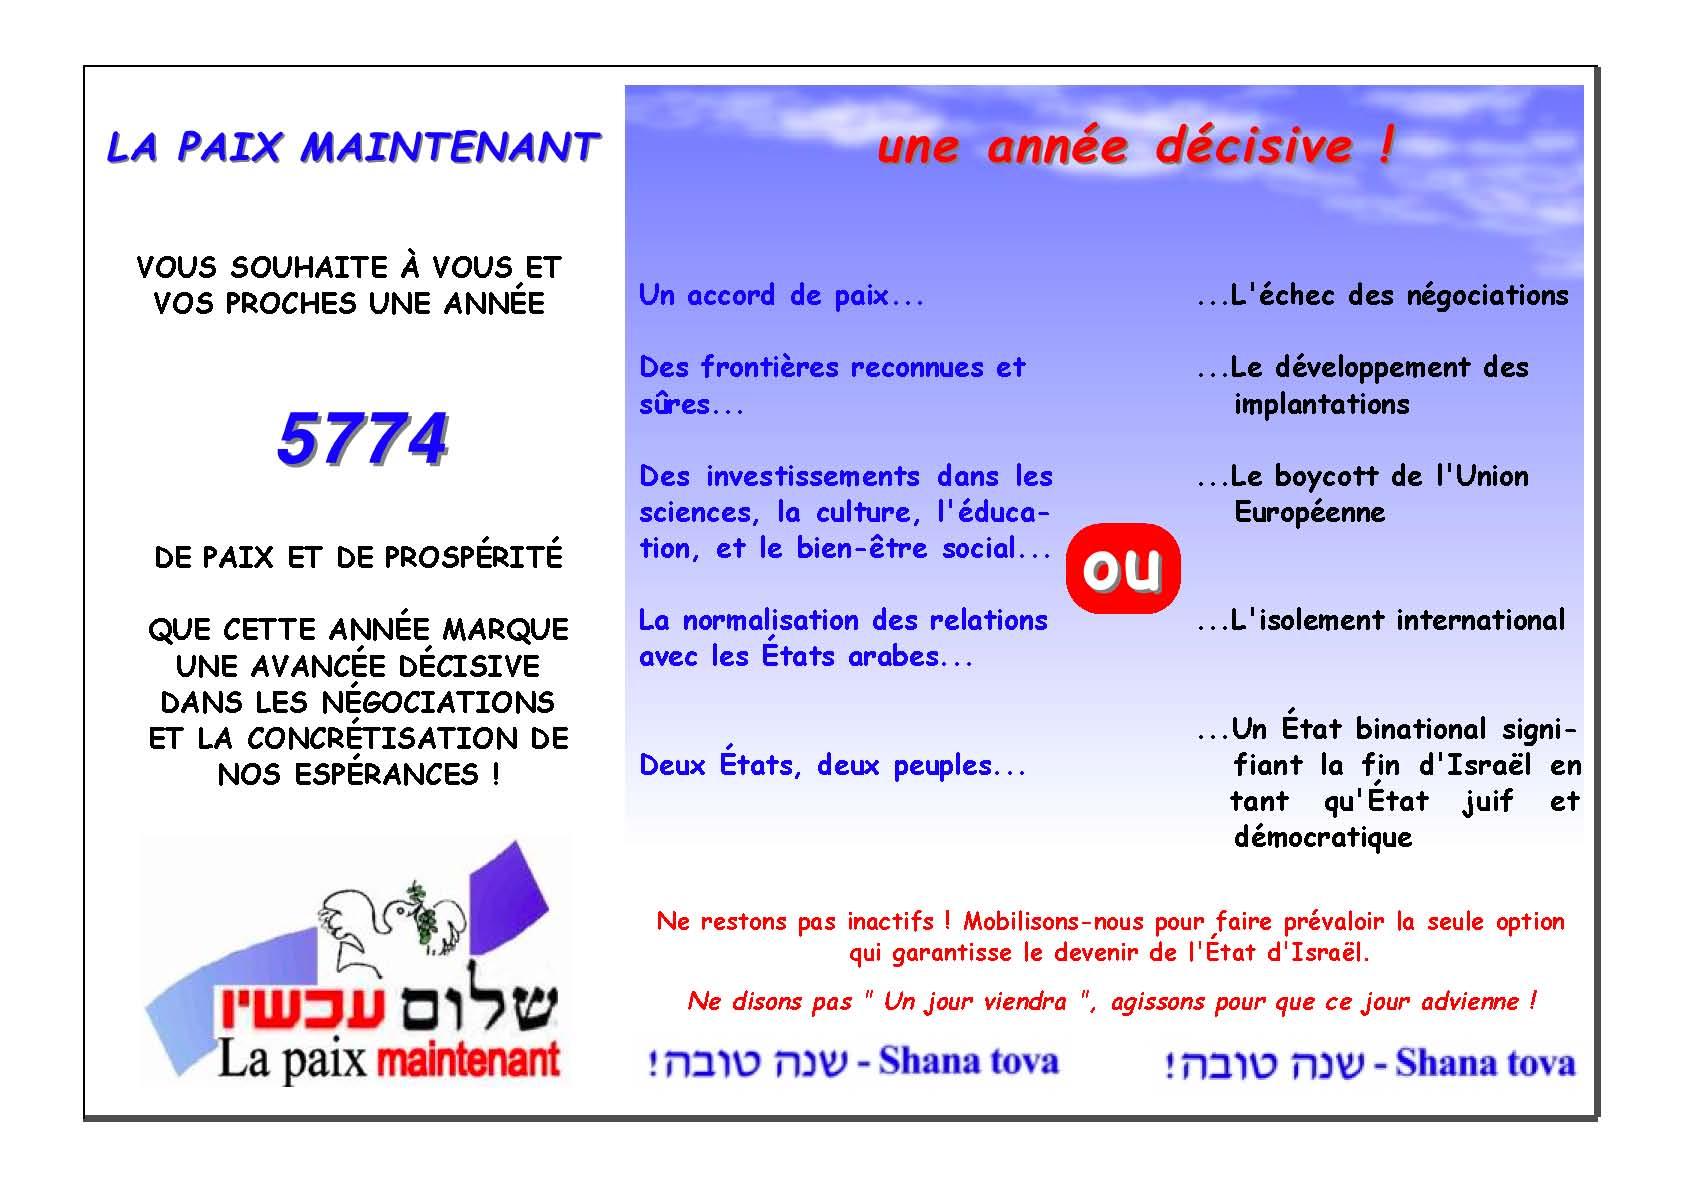 LPM_Shana_Tova_5774-2.jpg